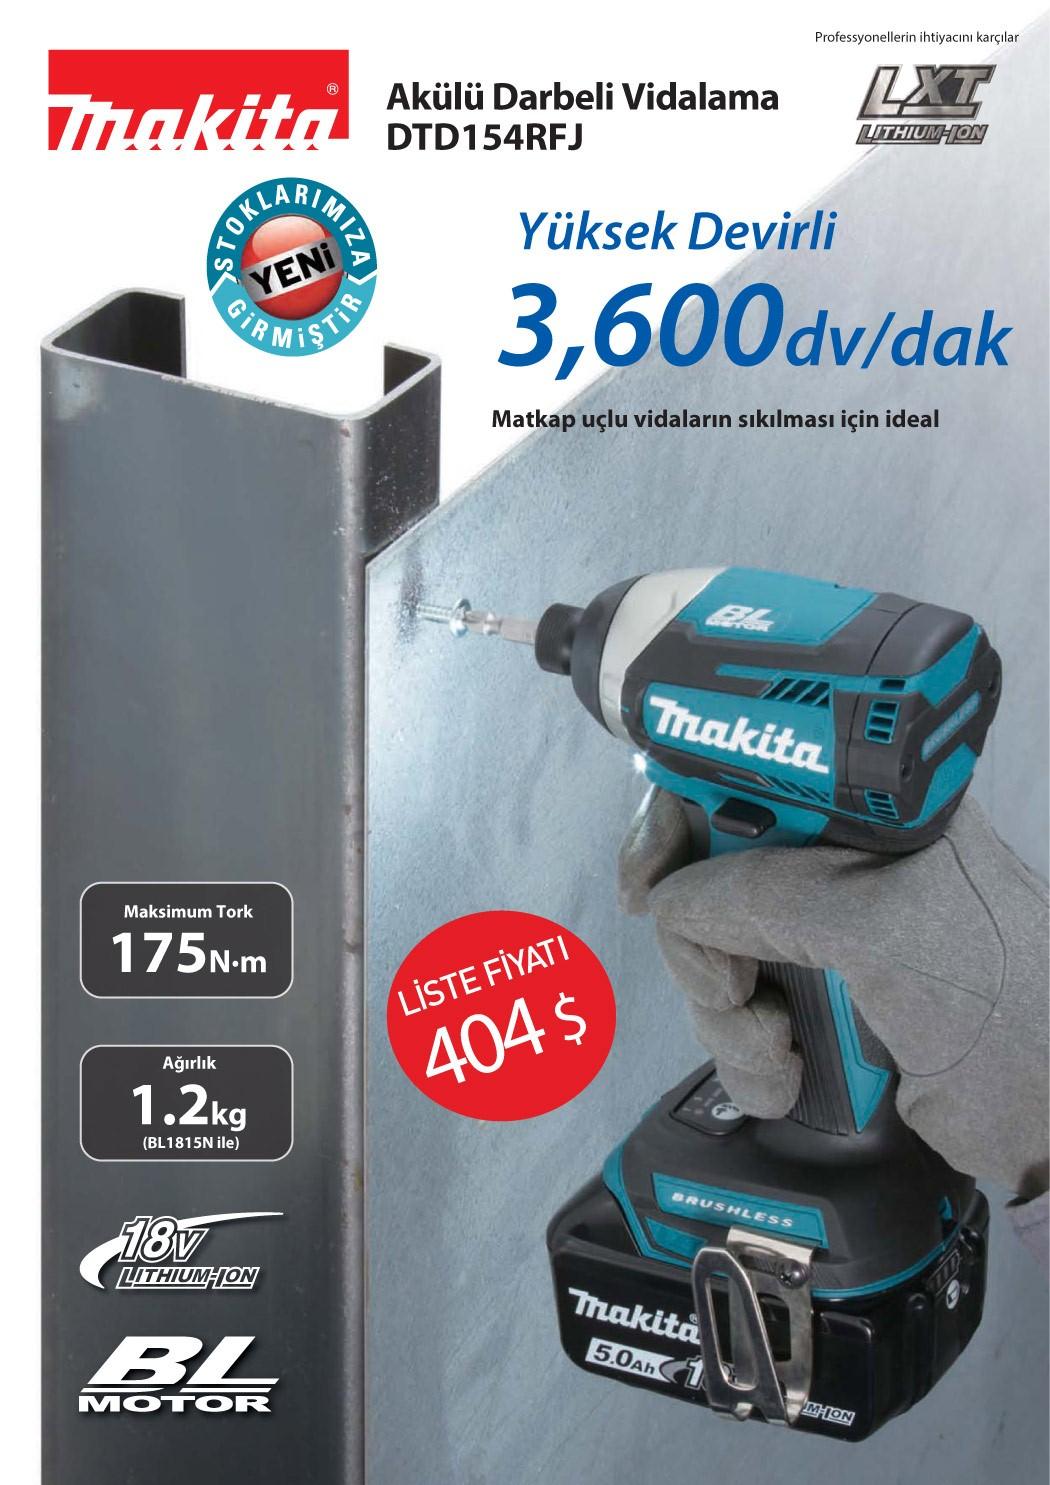 Yeni Ürün -  Makita DTD154RFJ Akülü Darbeli Vidalama Stoklarımıza Girmiştir